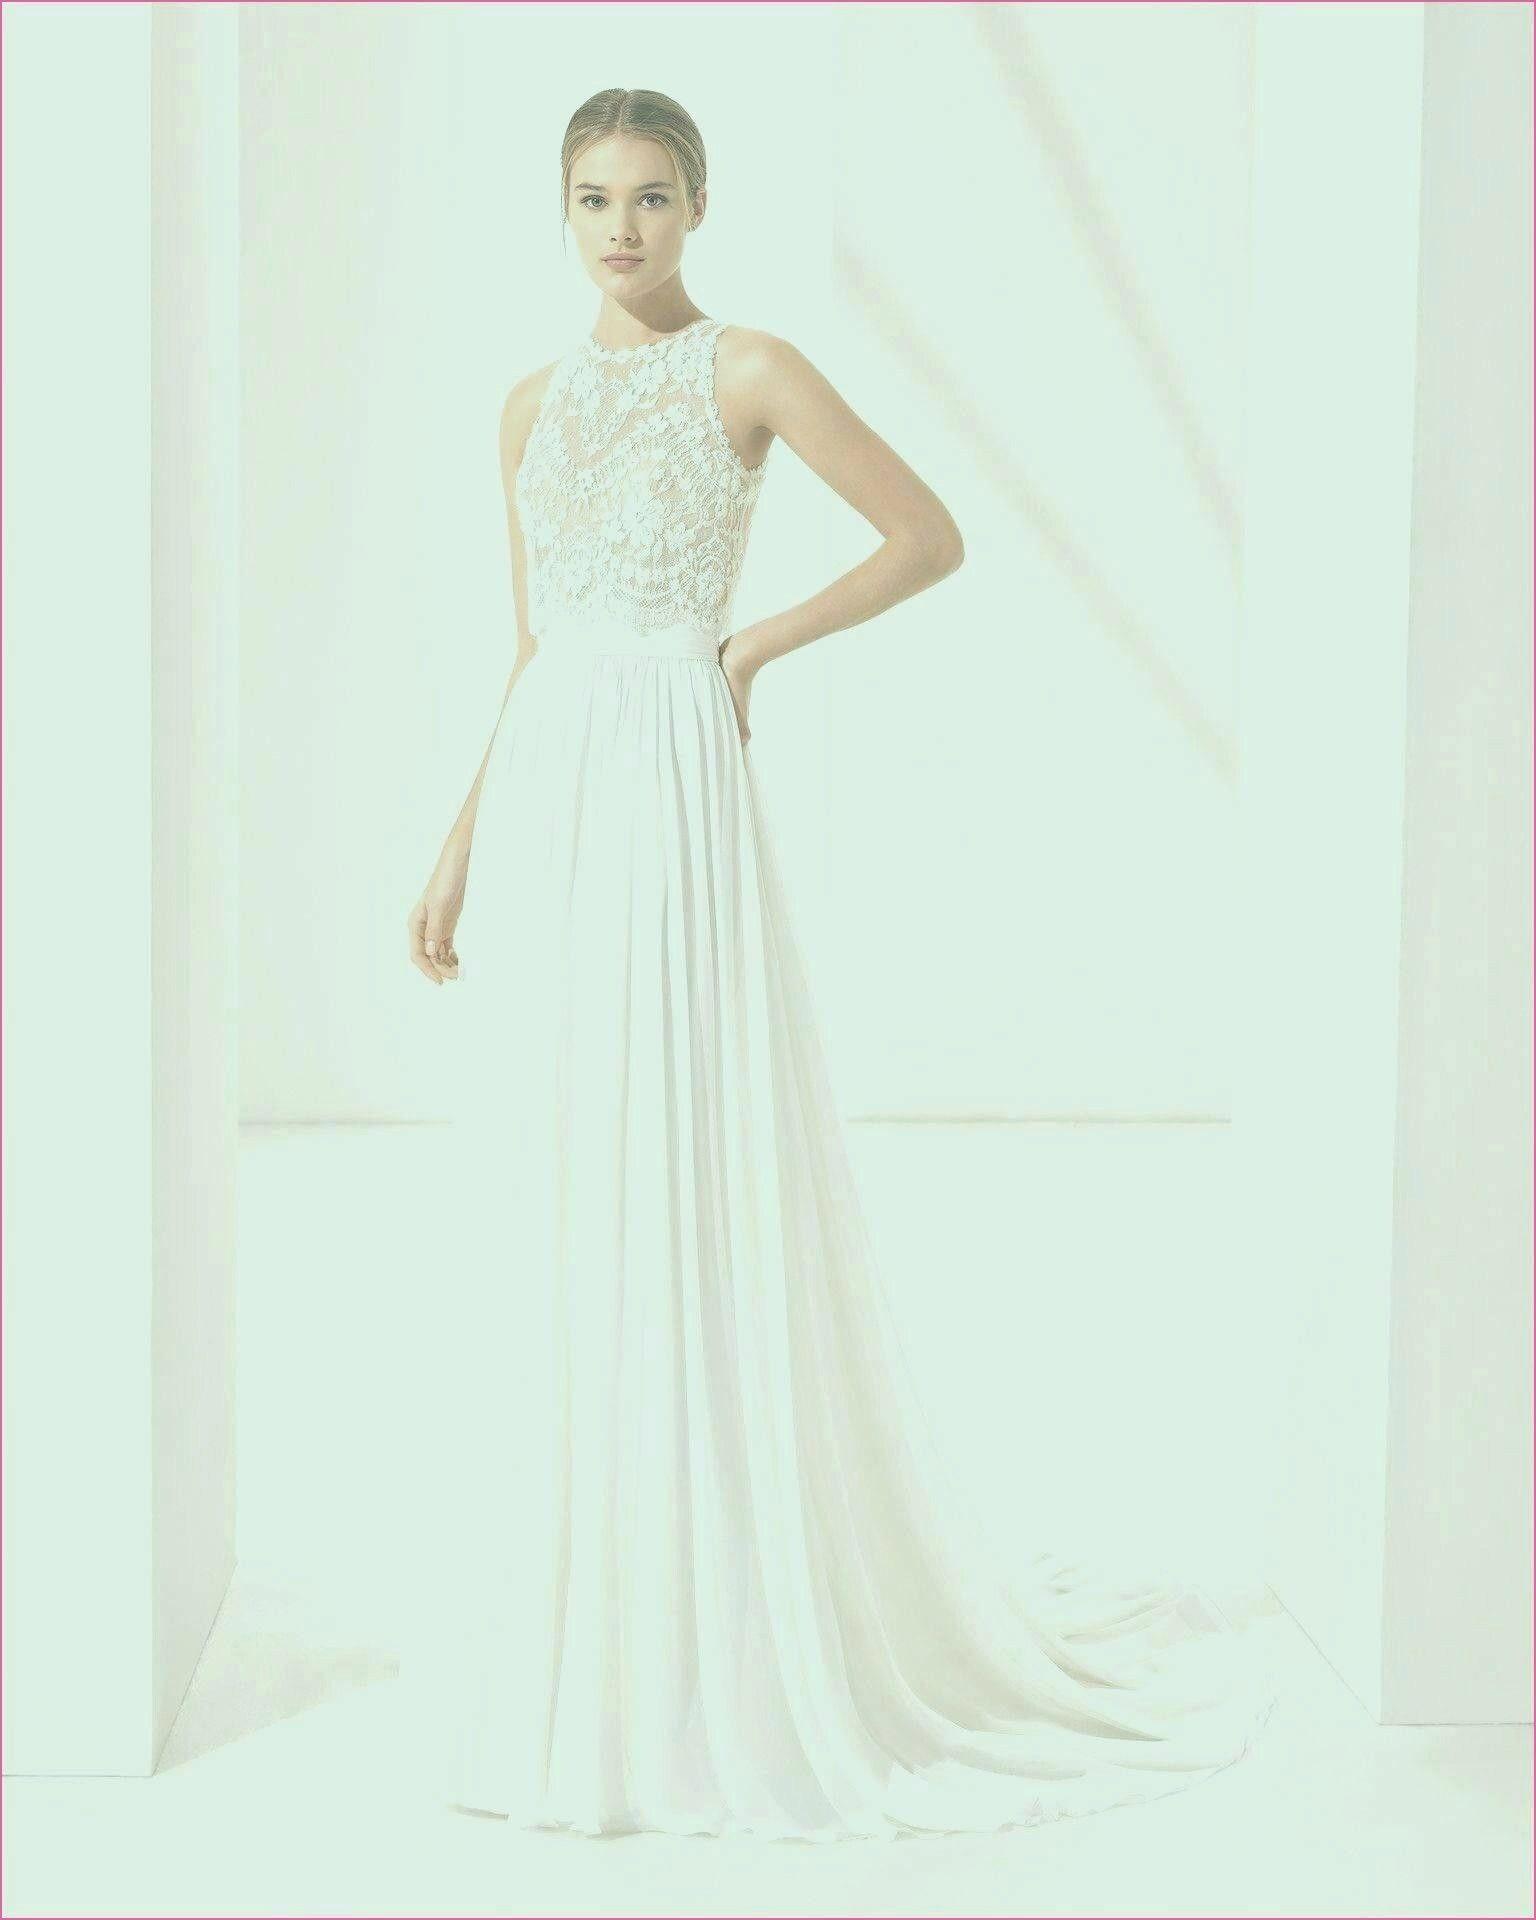 Kleid knieumspielend kleid knieumspielend online kaufen kleid